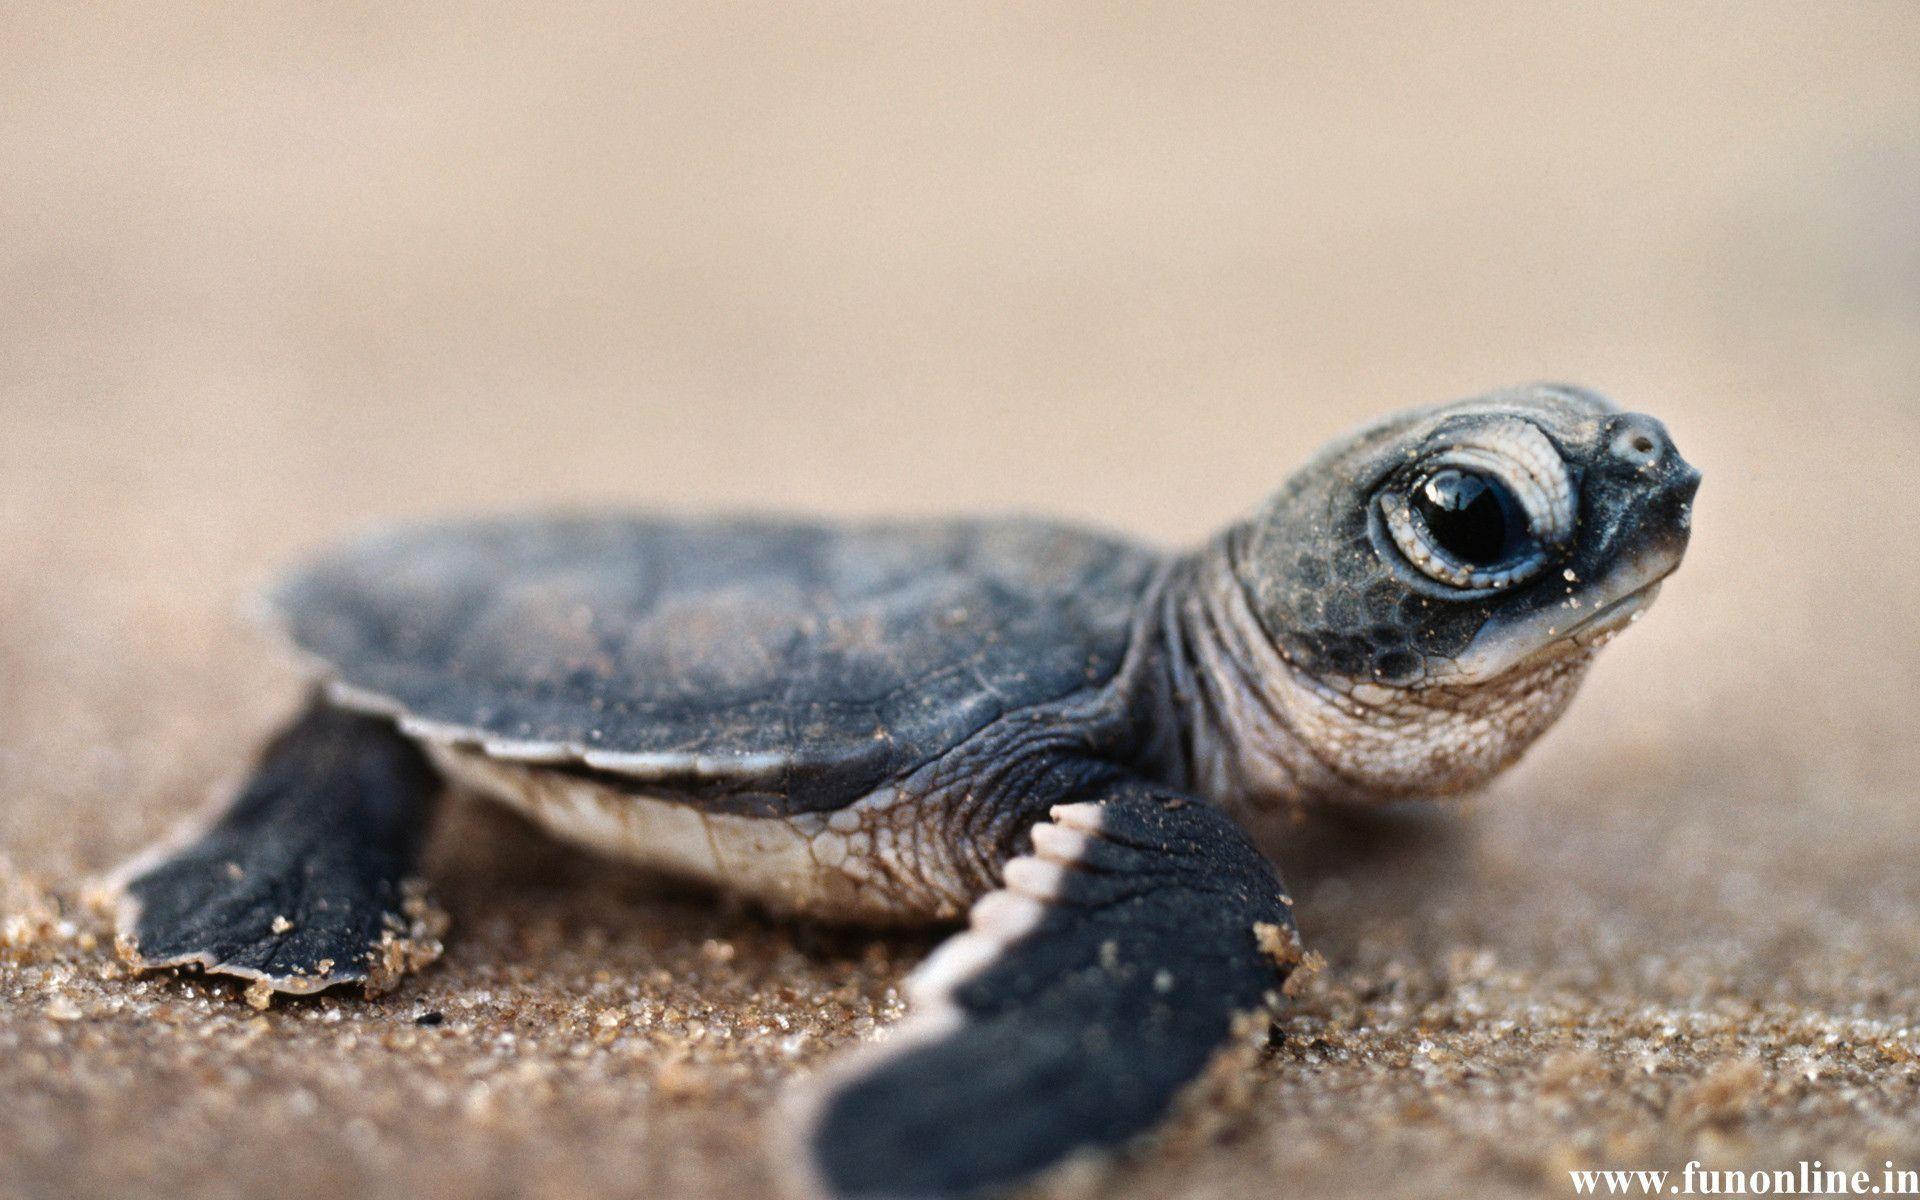 Sea Turtle Wallpaper for Computer – WallpaperSafari